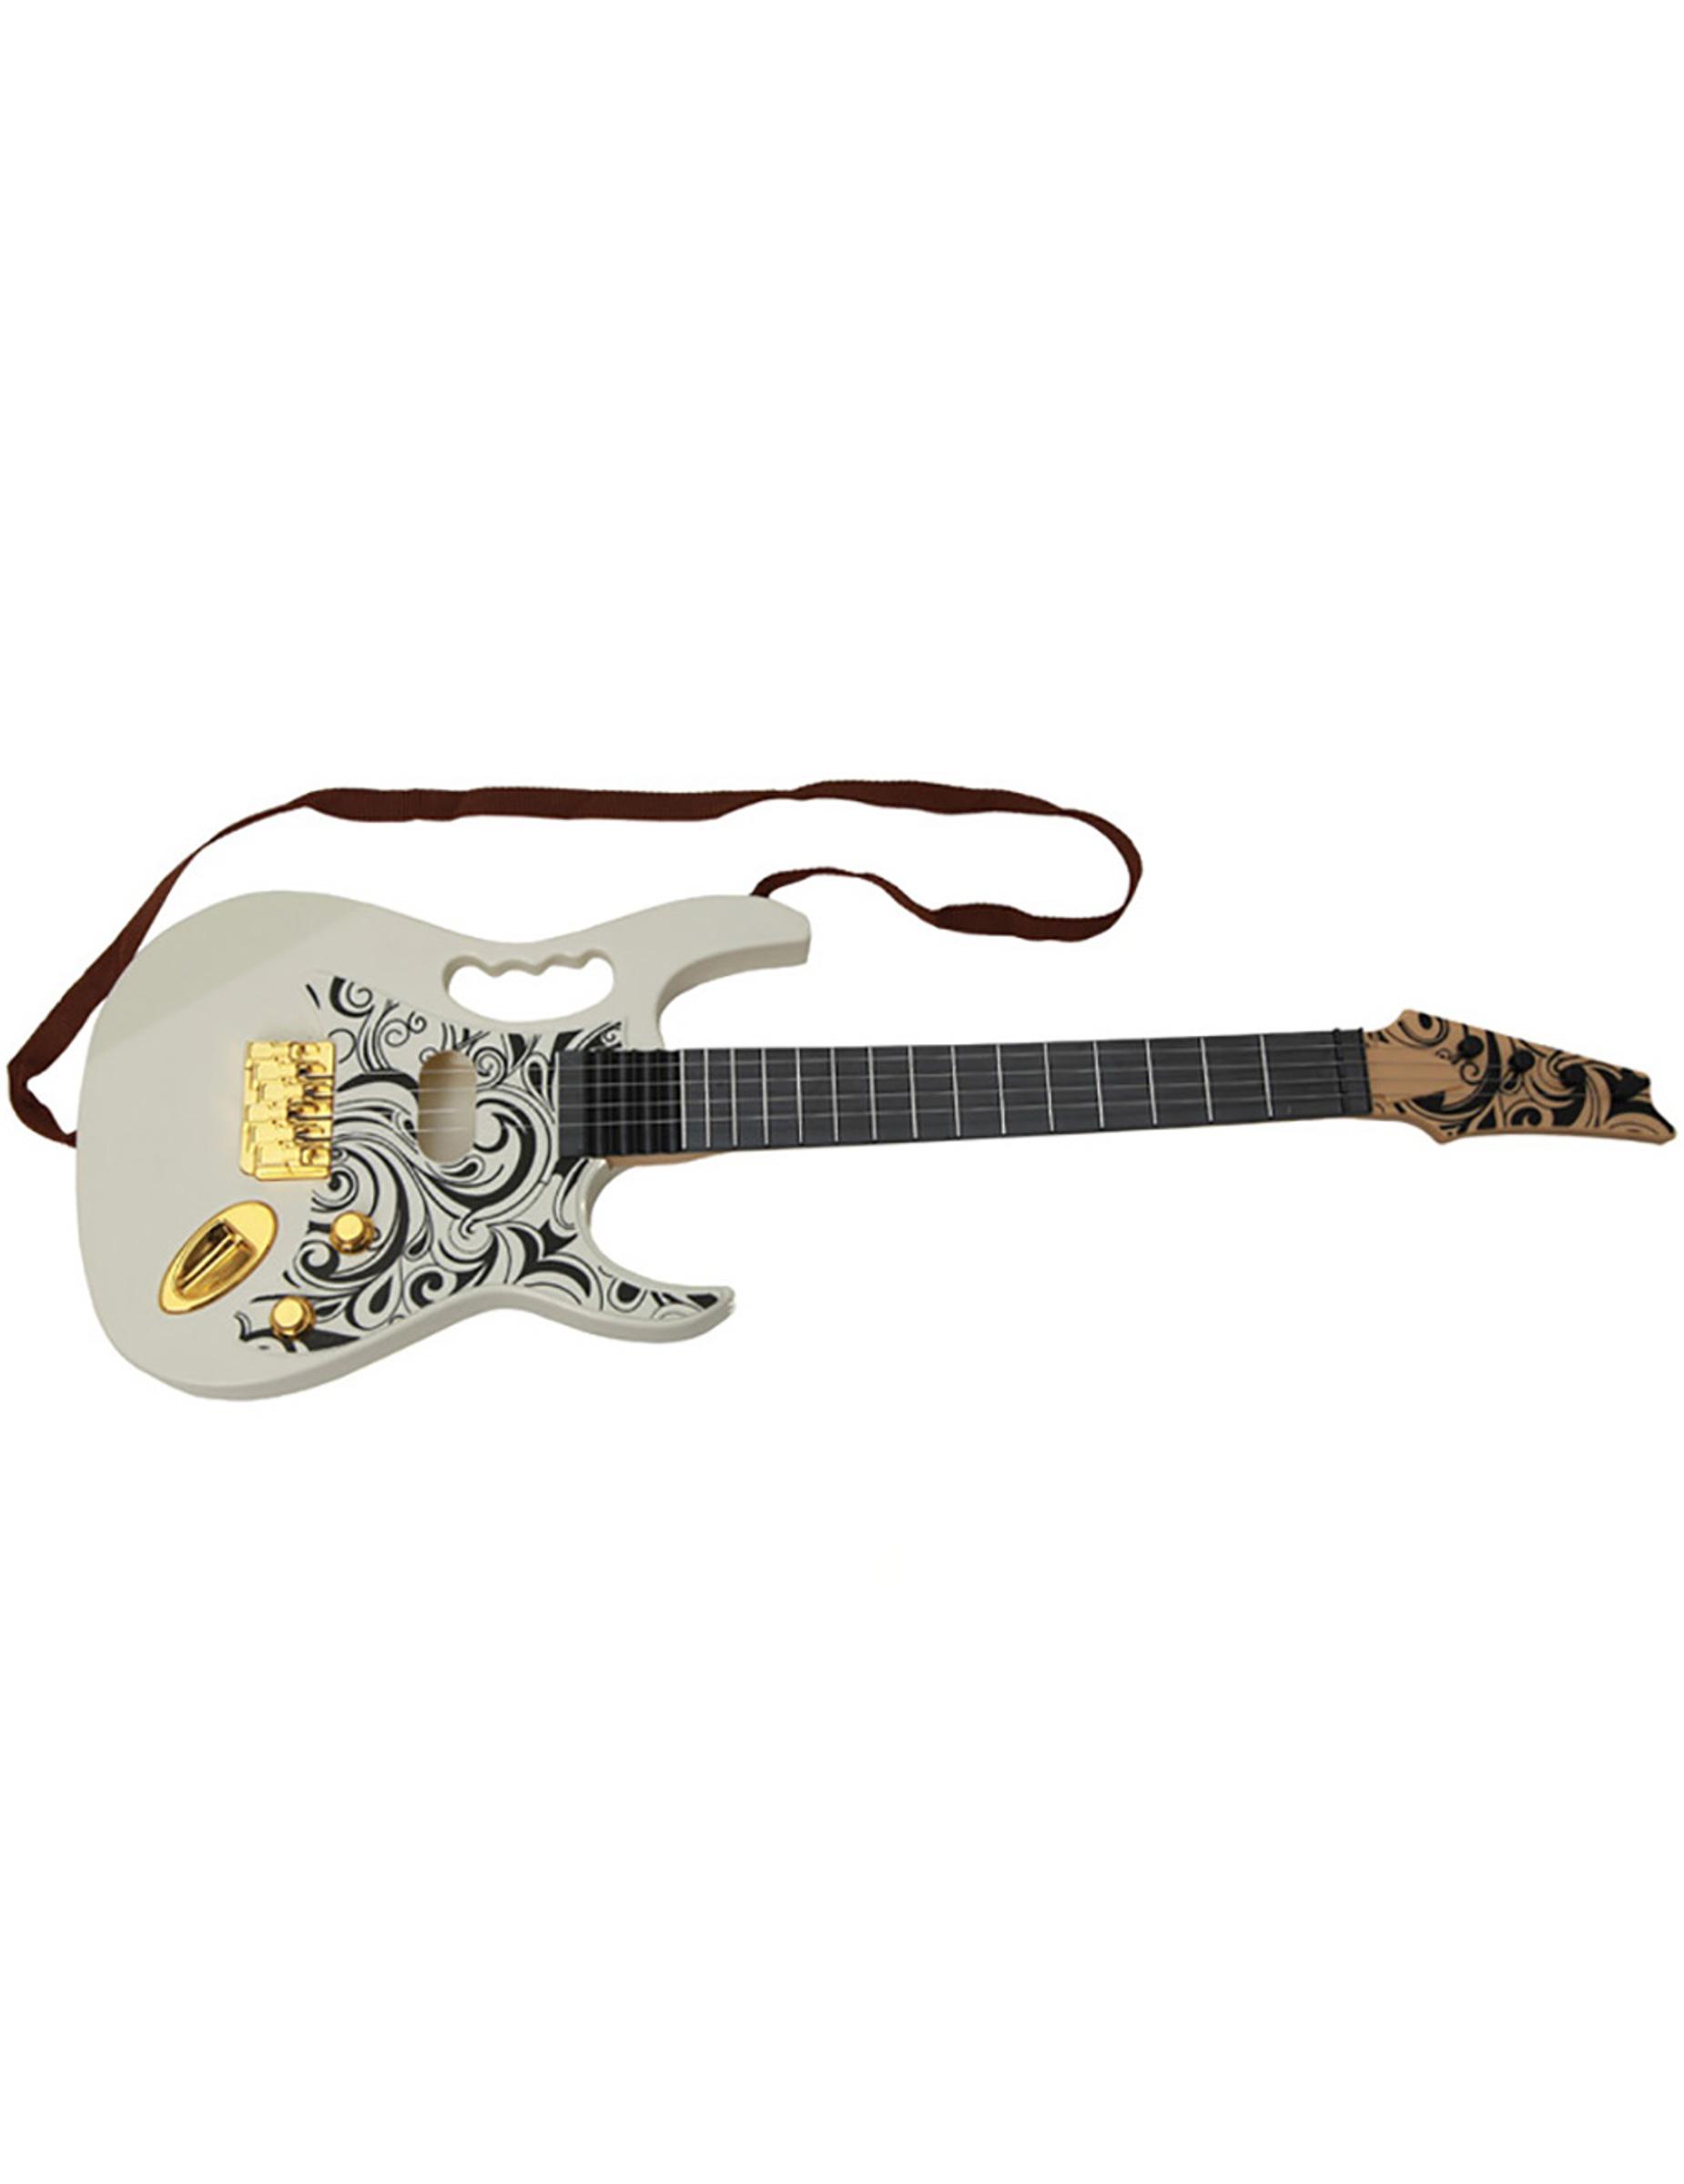 Elektrische-Gitarre musikalisches-Zubehör weiss 67cm 299275